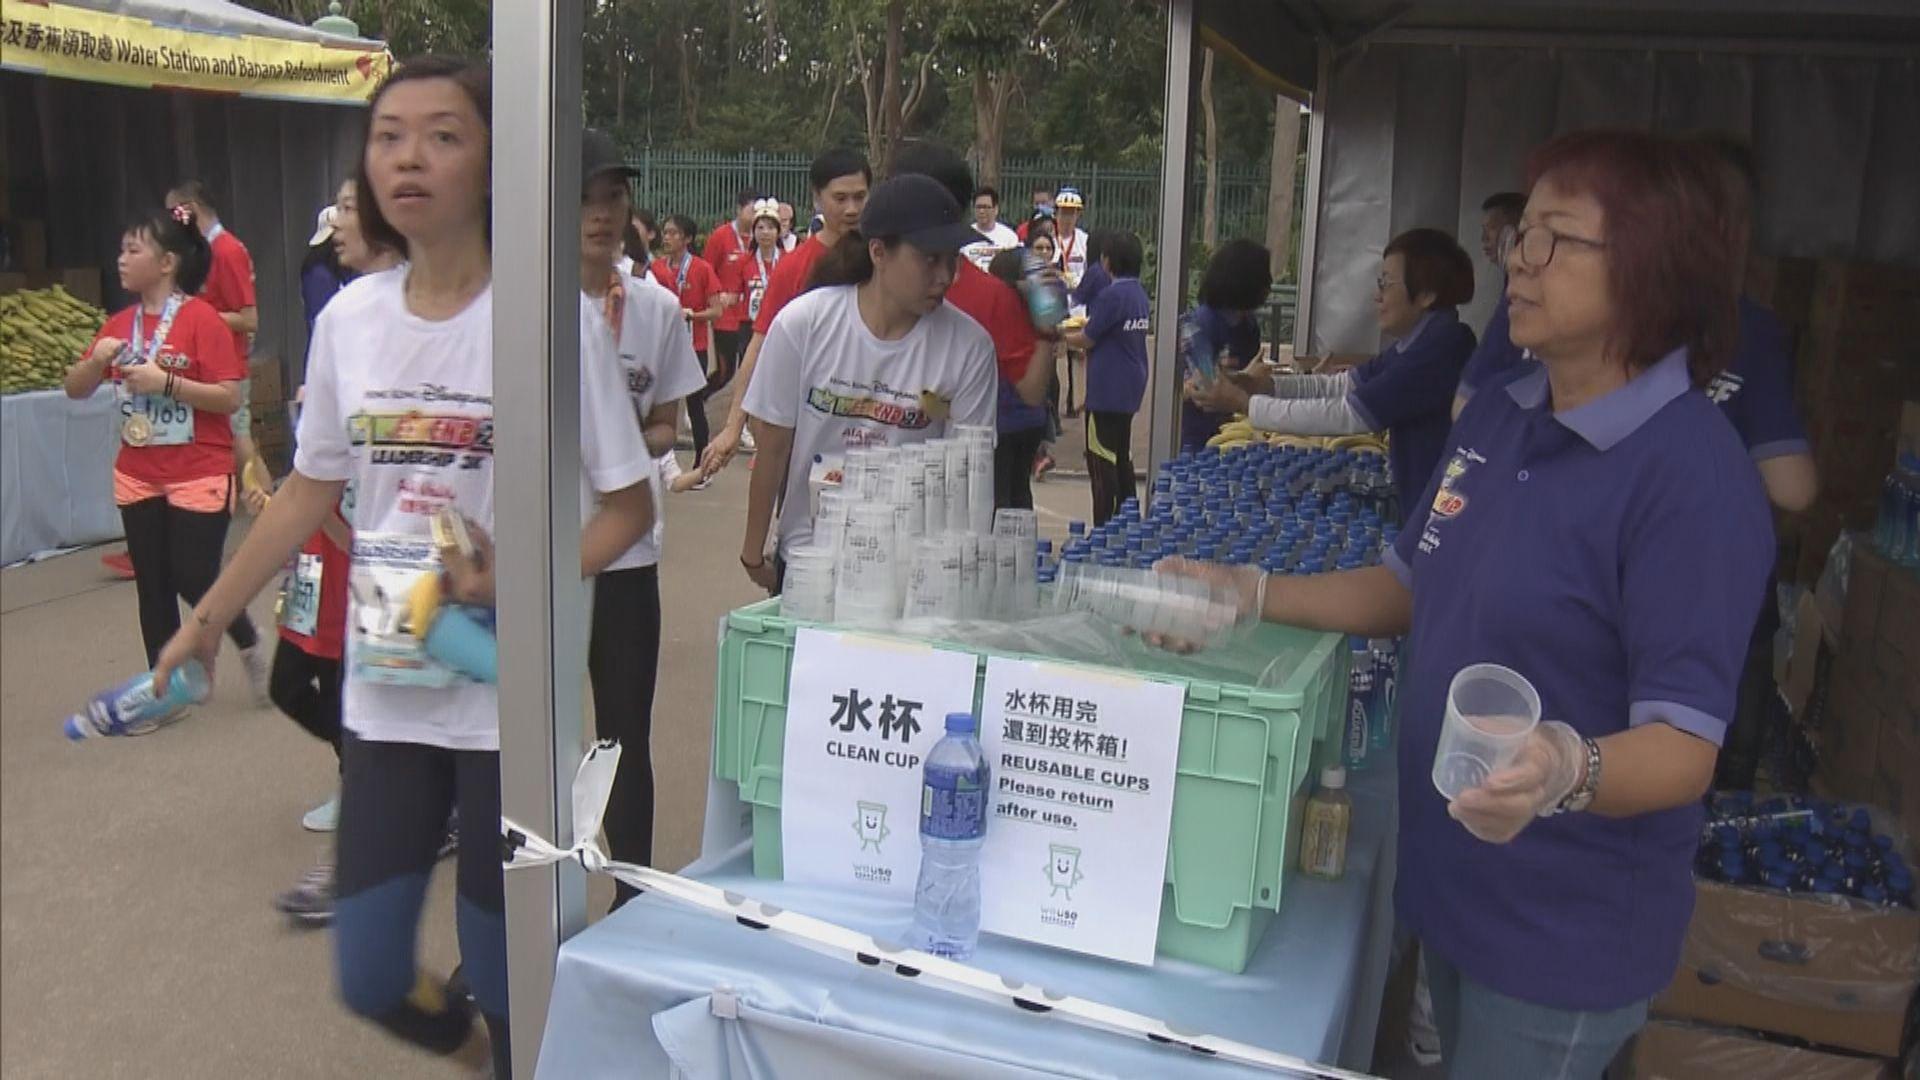 迪士尼跑步活動提供可回收膠杯 鼓勵源頭減廢